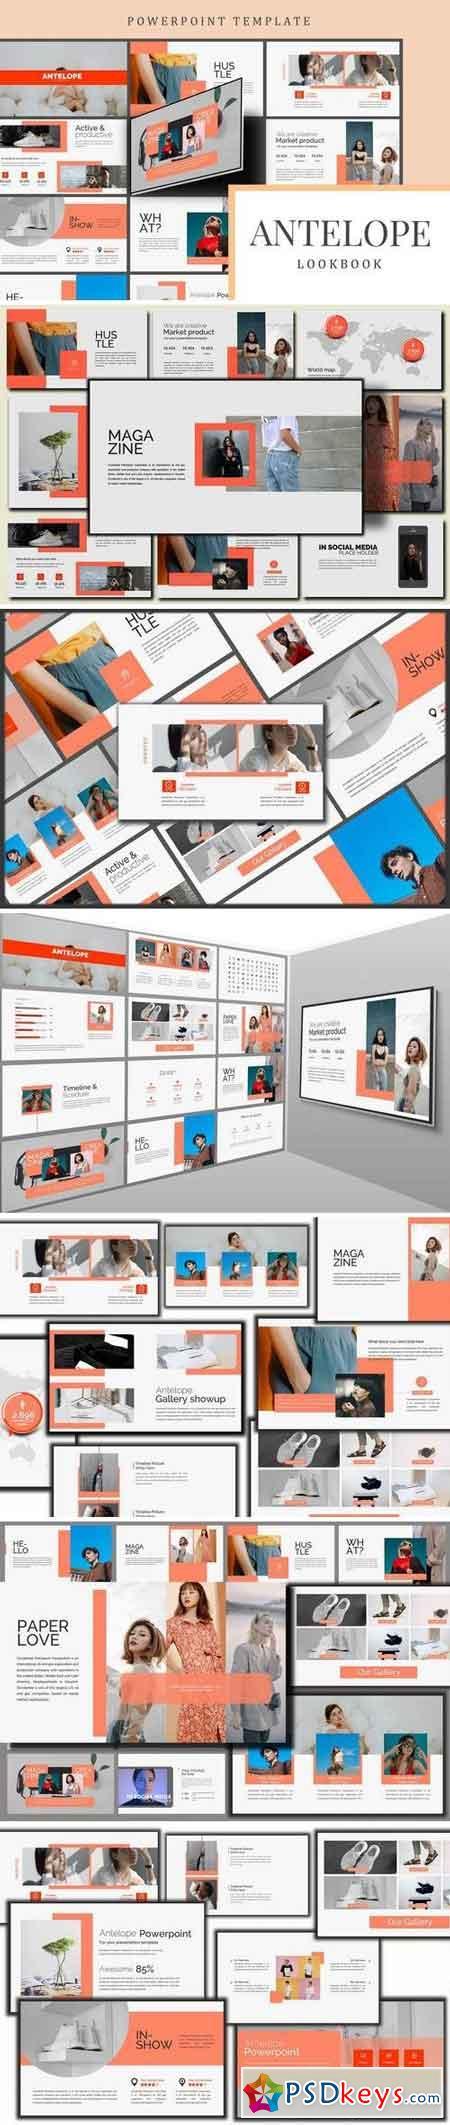 Antelope Lookbook - Powerpoint, Keynote, Google Sliders Templates